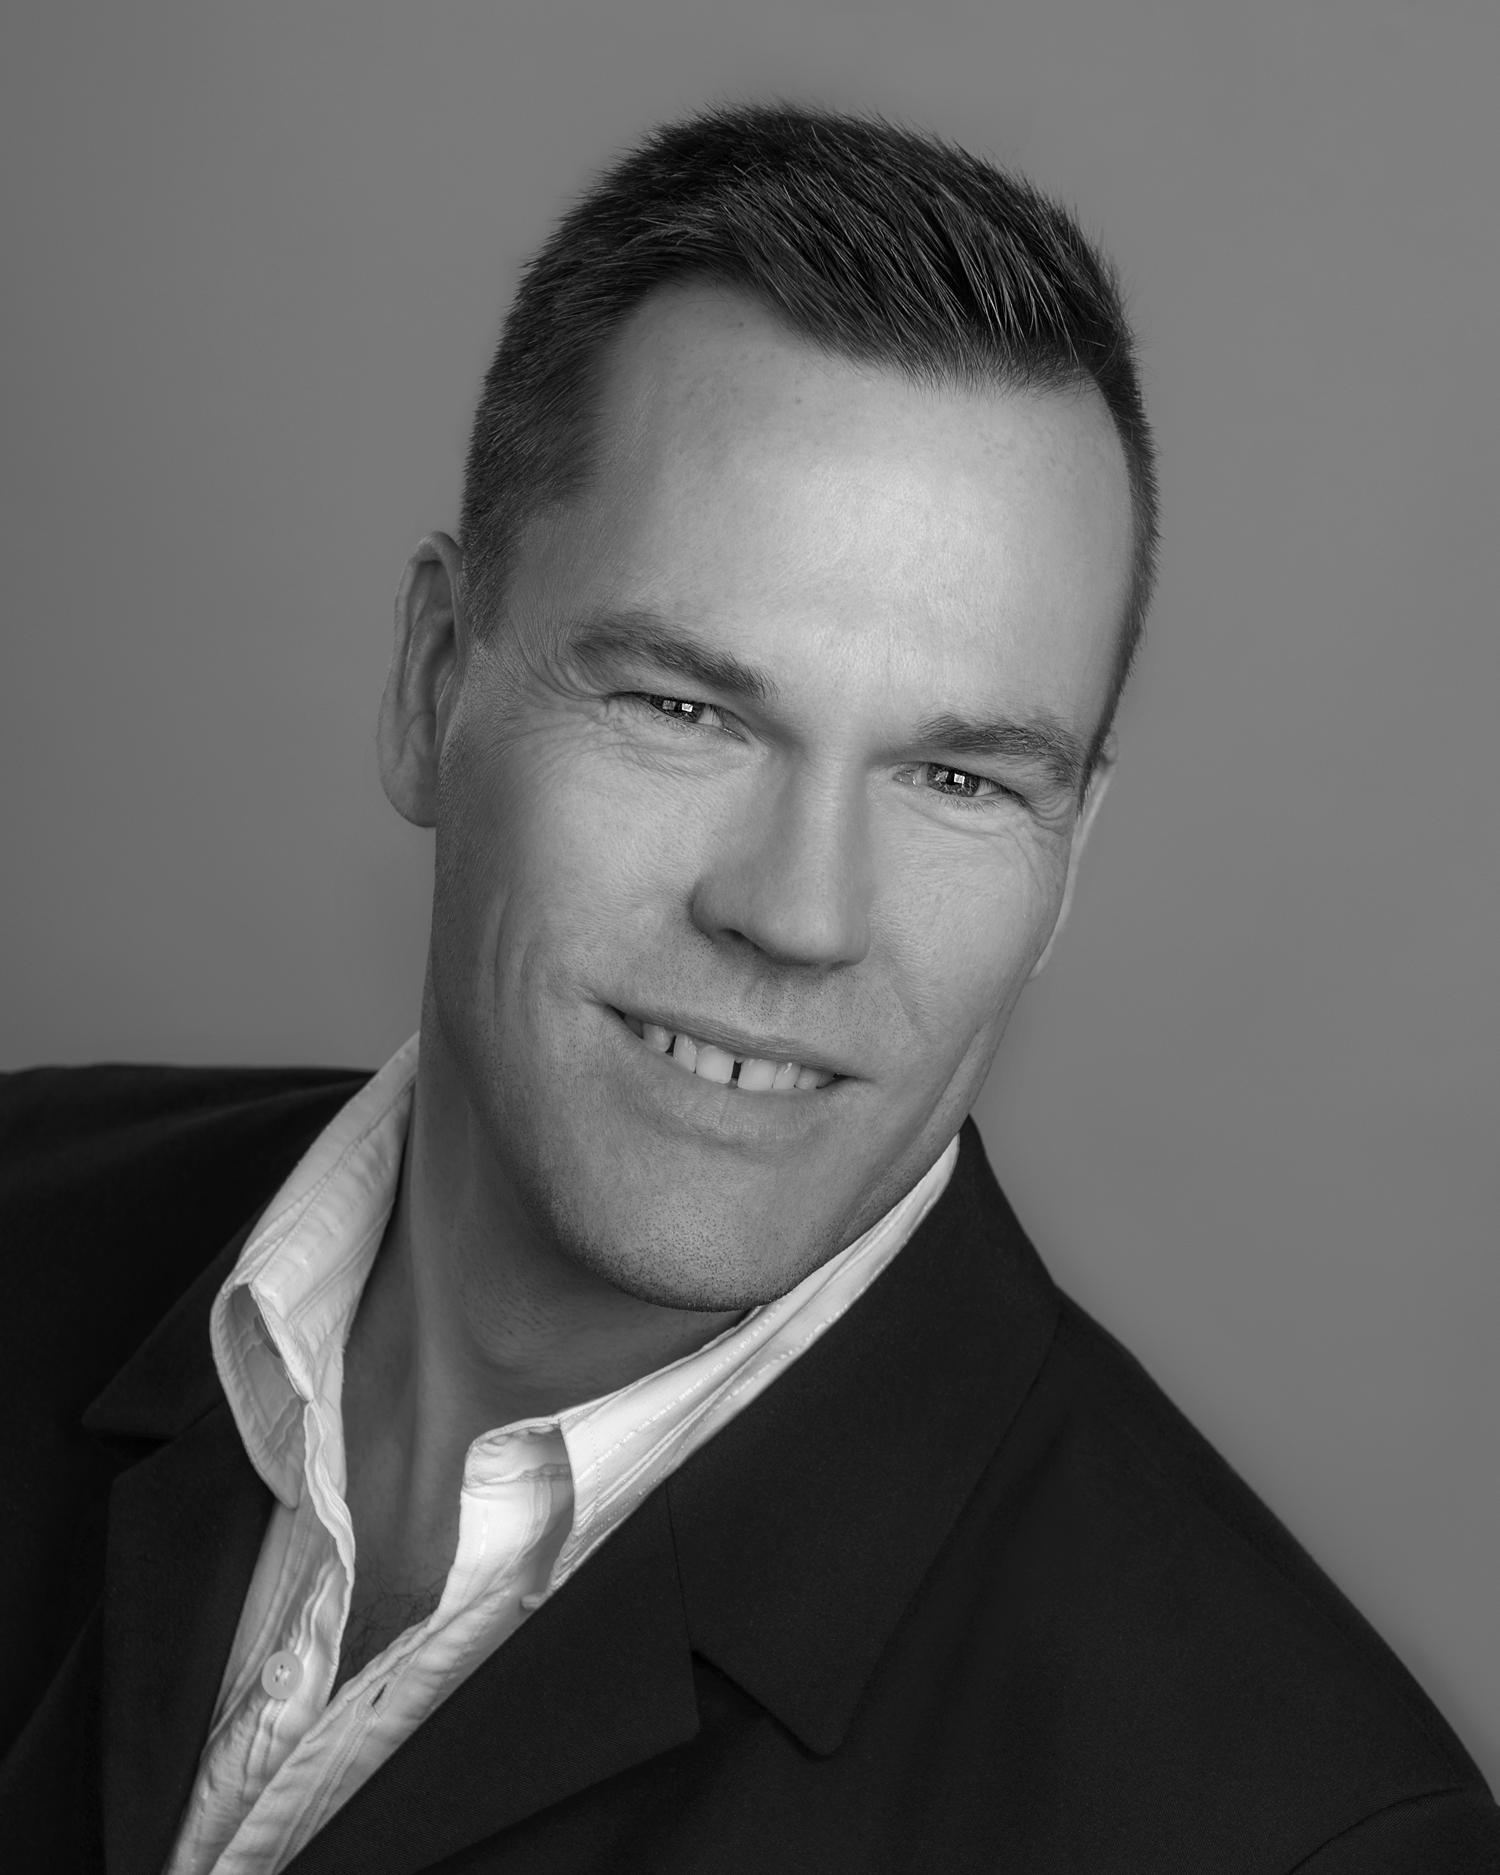 Marco Swantusch